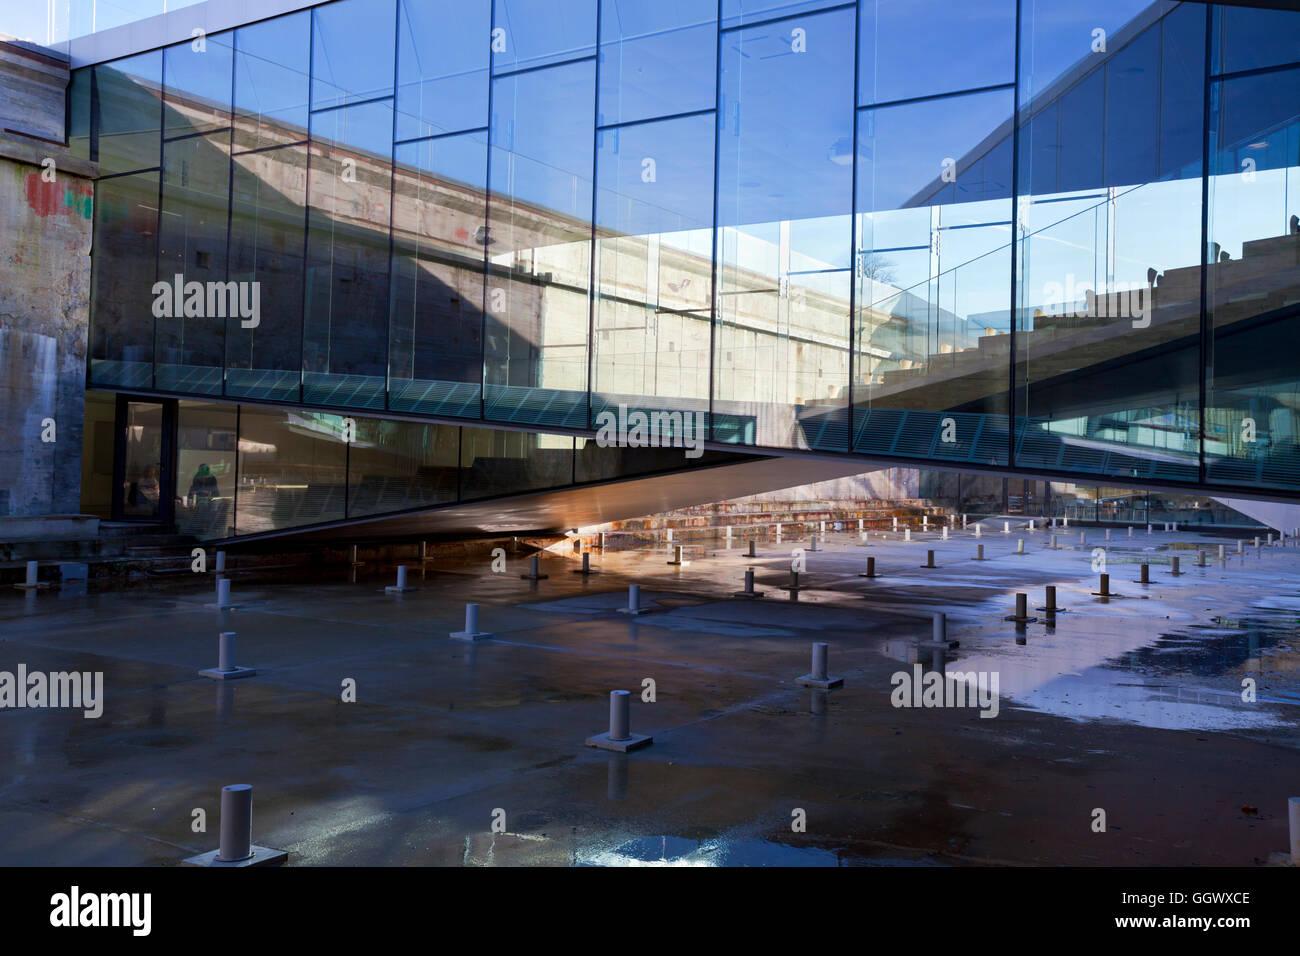 Musée maritime danois, M/S Museet pour Søfart à Elseneur / Helsingør, au Danemark. L'architecte Bjarke Ingels BIG. Reflet dans les murs de verre souterrain Banque D'Images